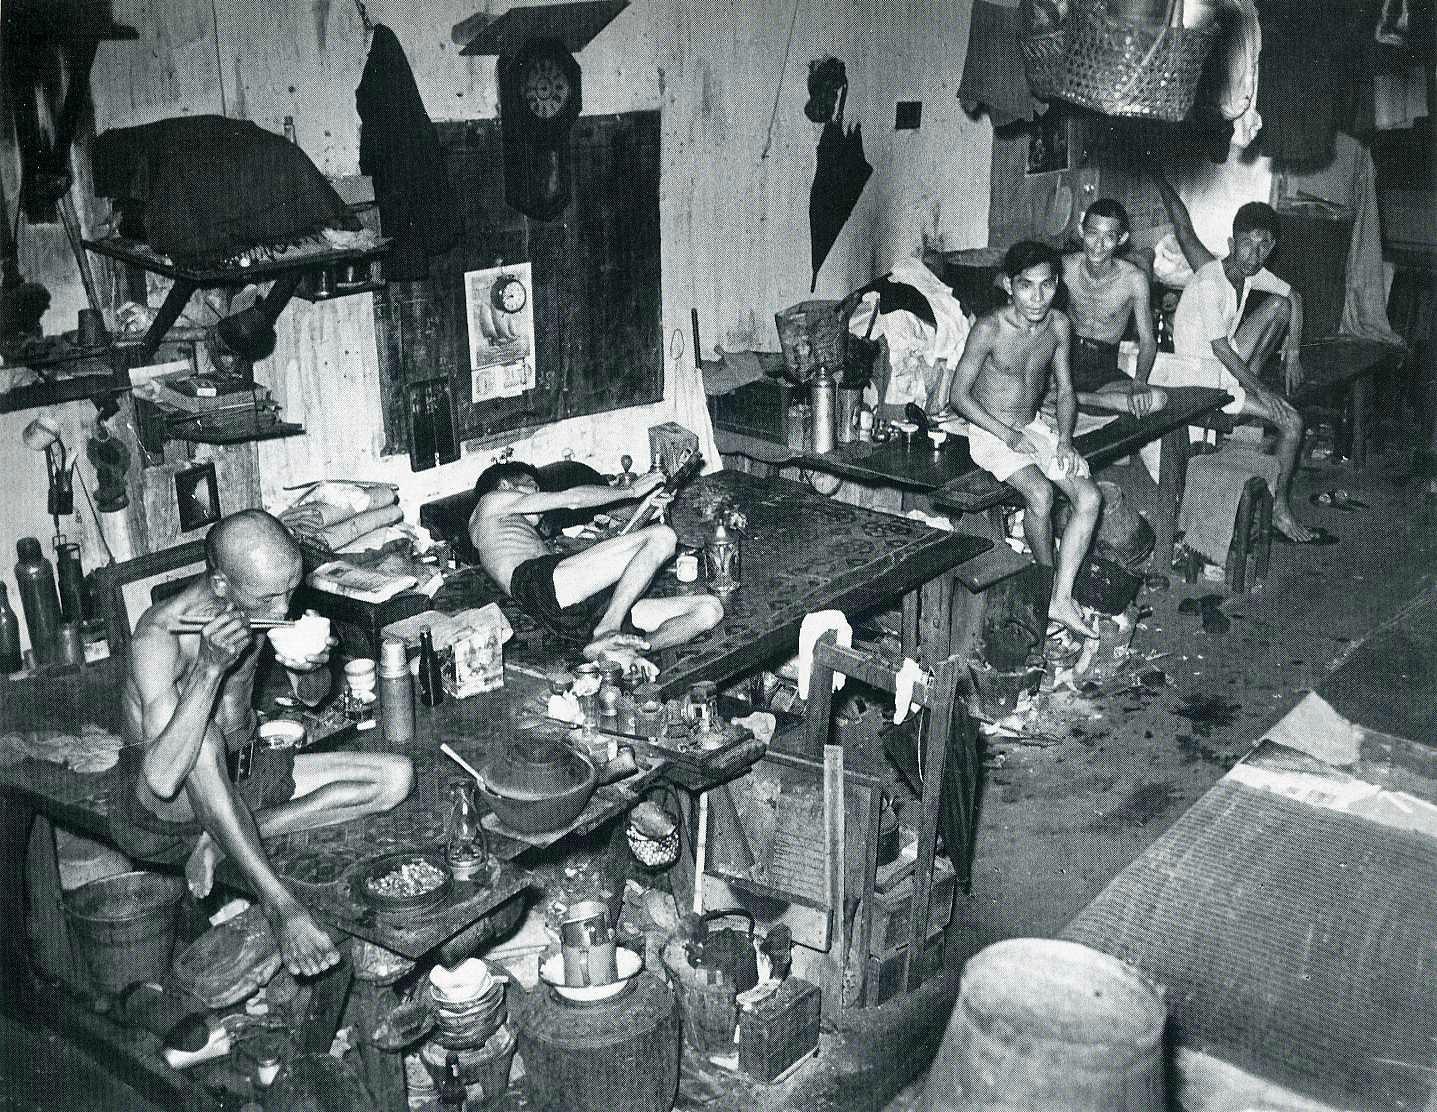 Opium Den, Singapore, 1941